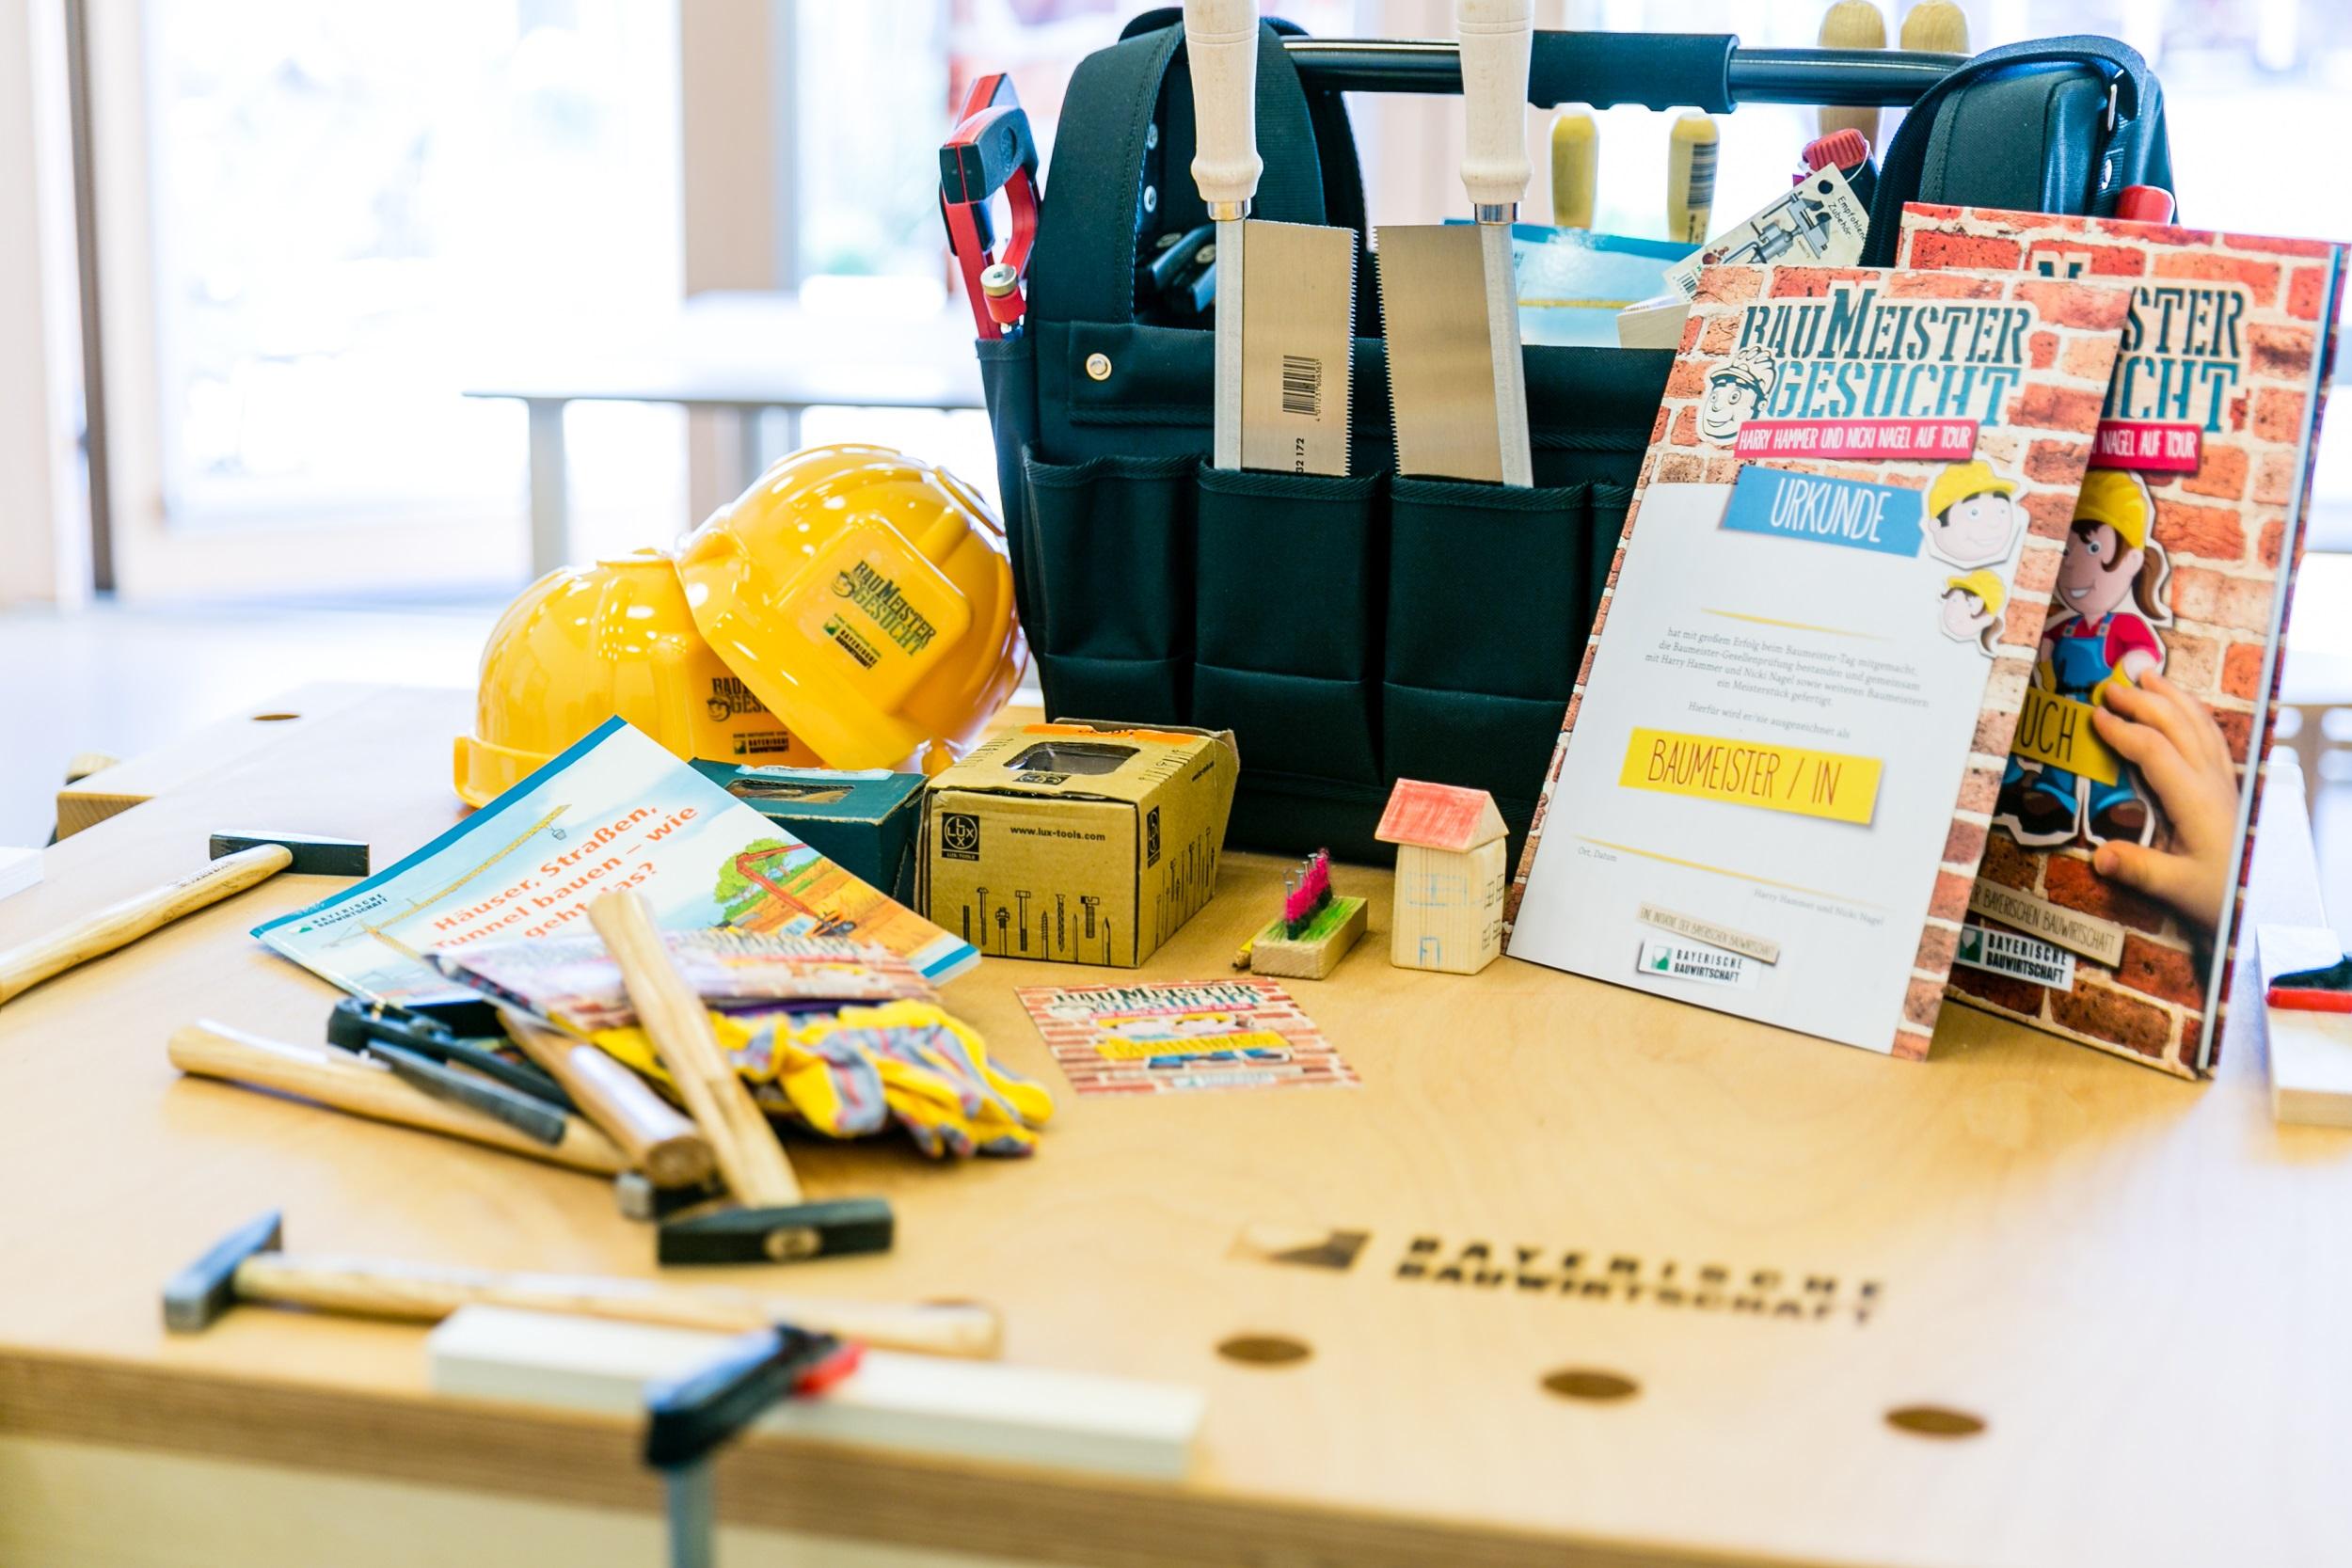 Das Baumeister Paket prall gefuellt- ua mit Werkbank, Werkzeug, und einem Handbuch © BBIV Schwaiger 2016